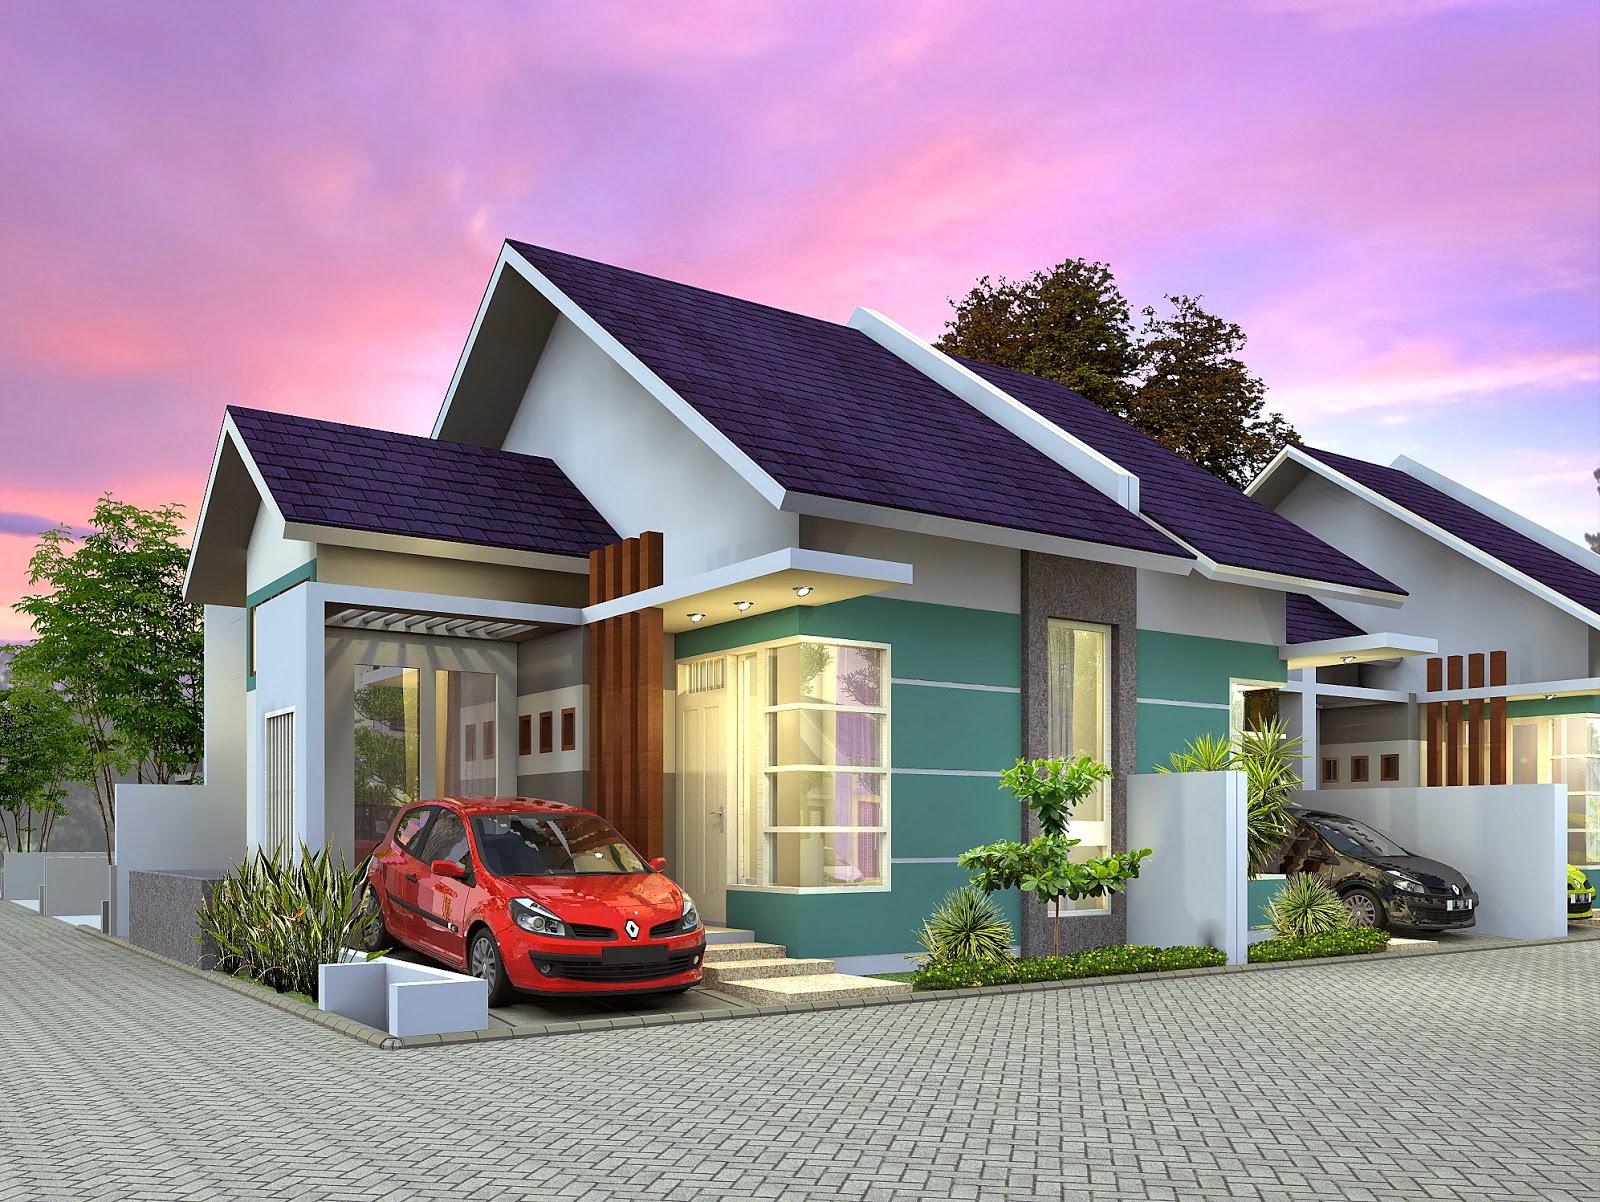 Desain Eksterior Rumah Minimalis Terbaru 0823 3333 9949